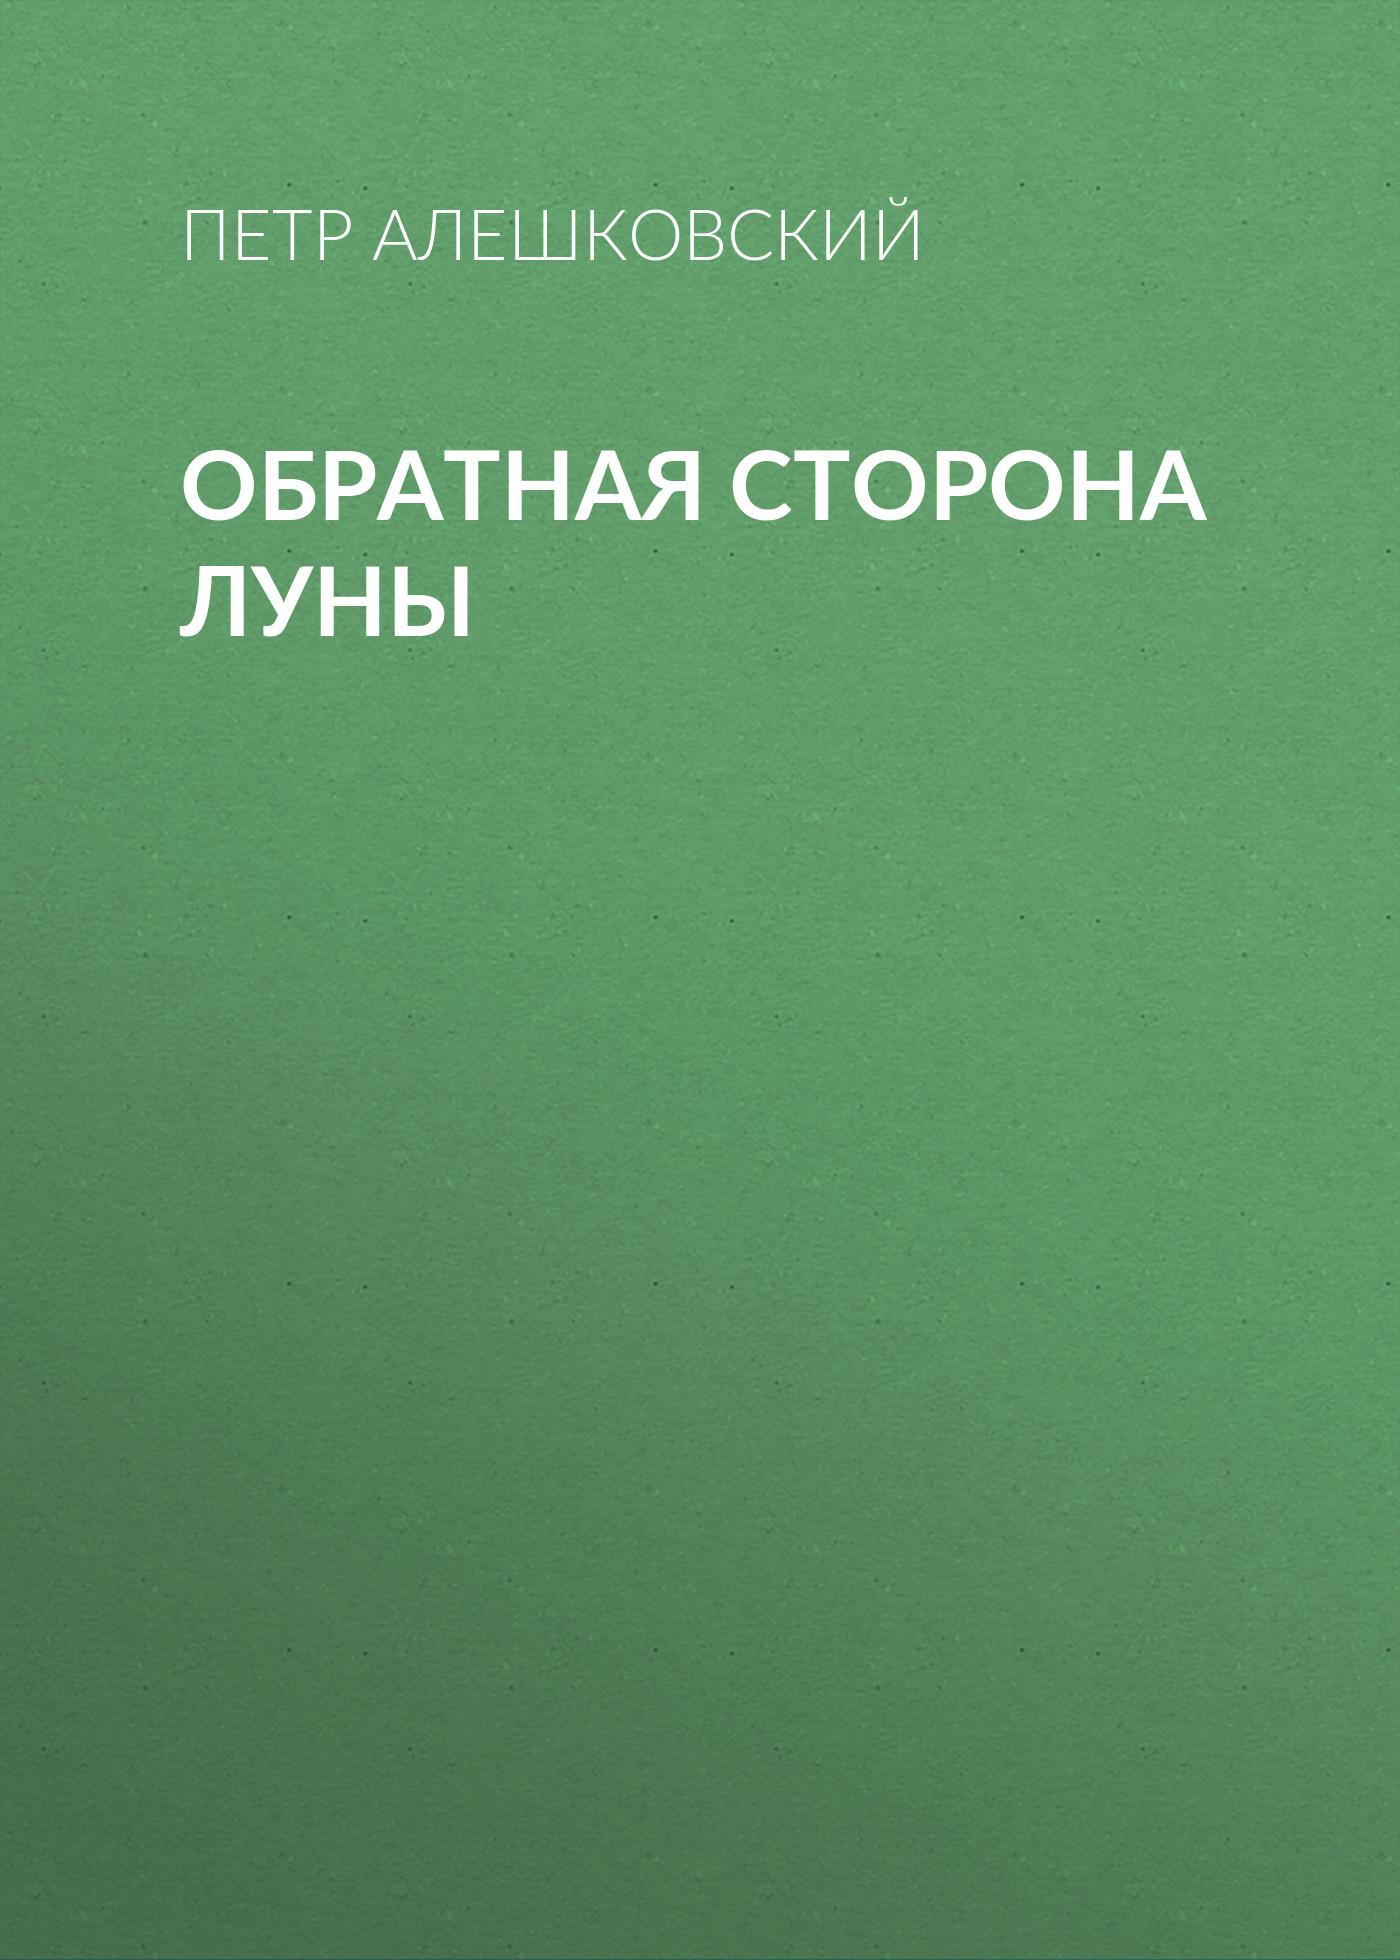 Петр Алешковский Обратная сторона луны алешковский петр маркович крепость